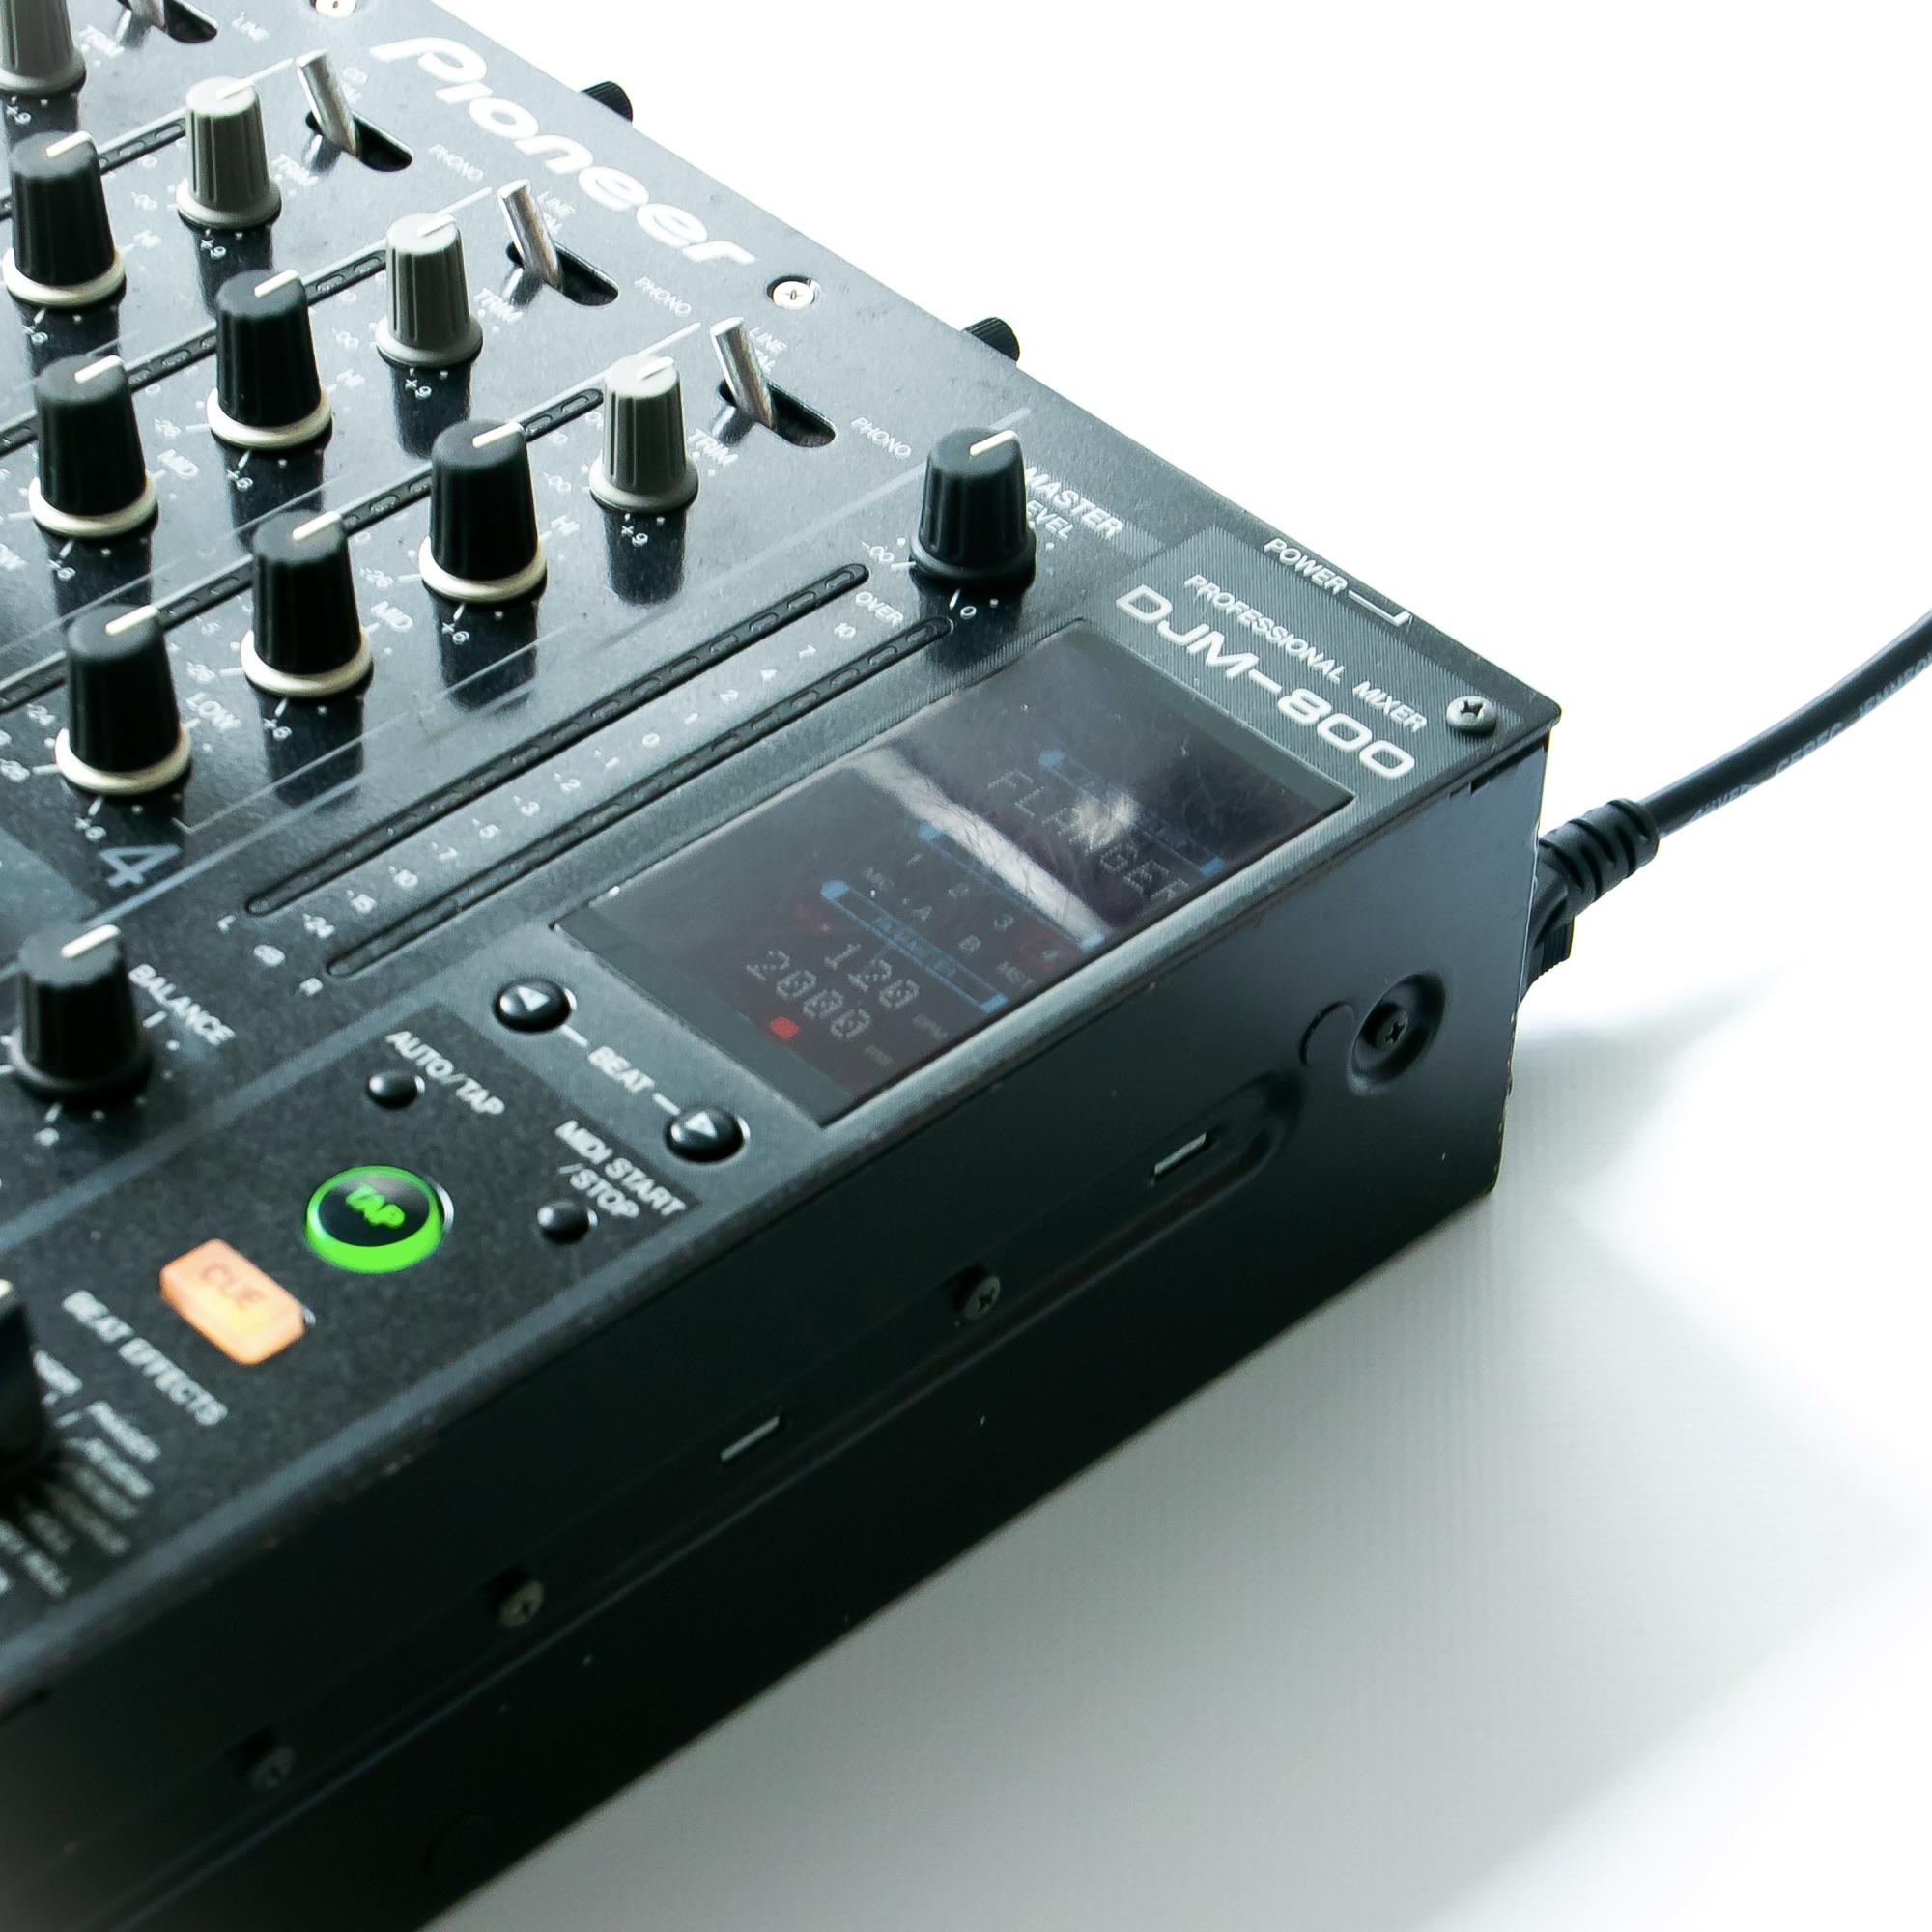 gebraucht kaufen Pioneer DJM 800